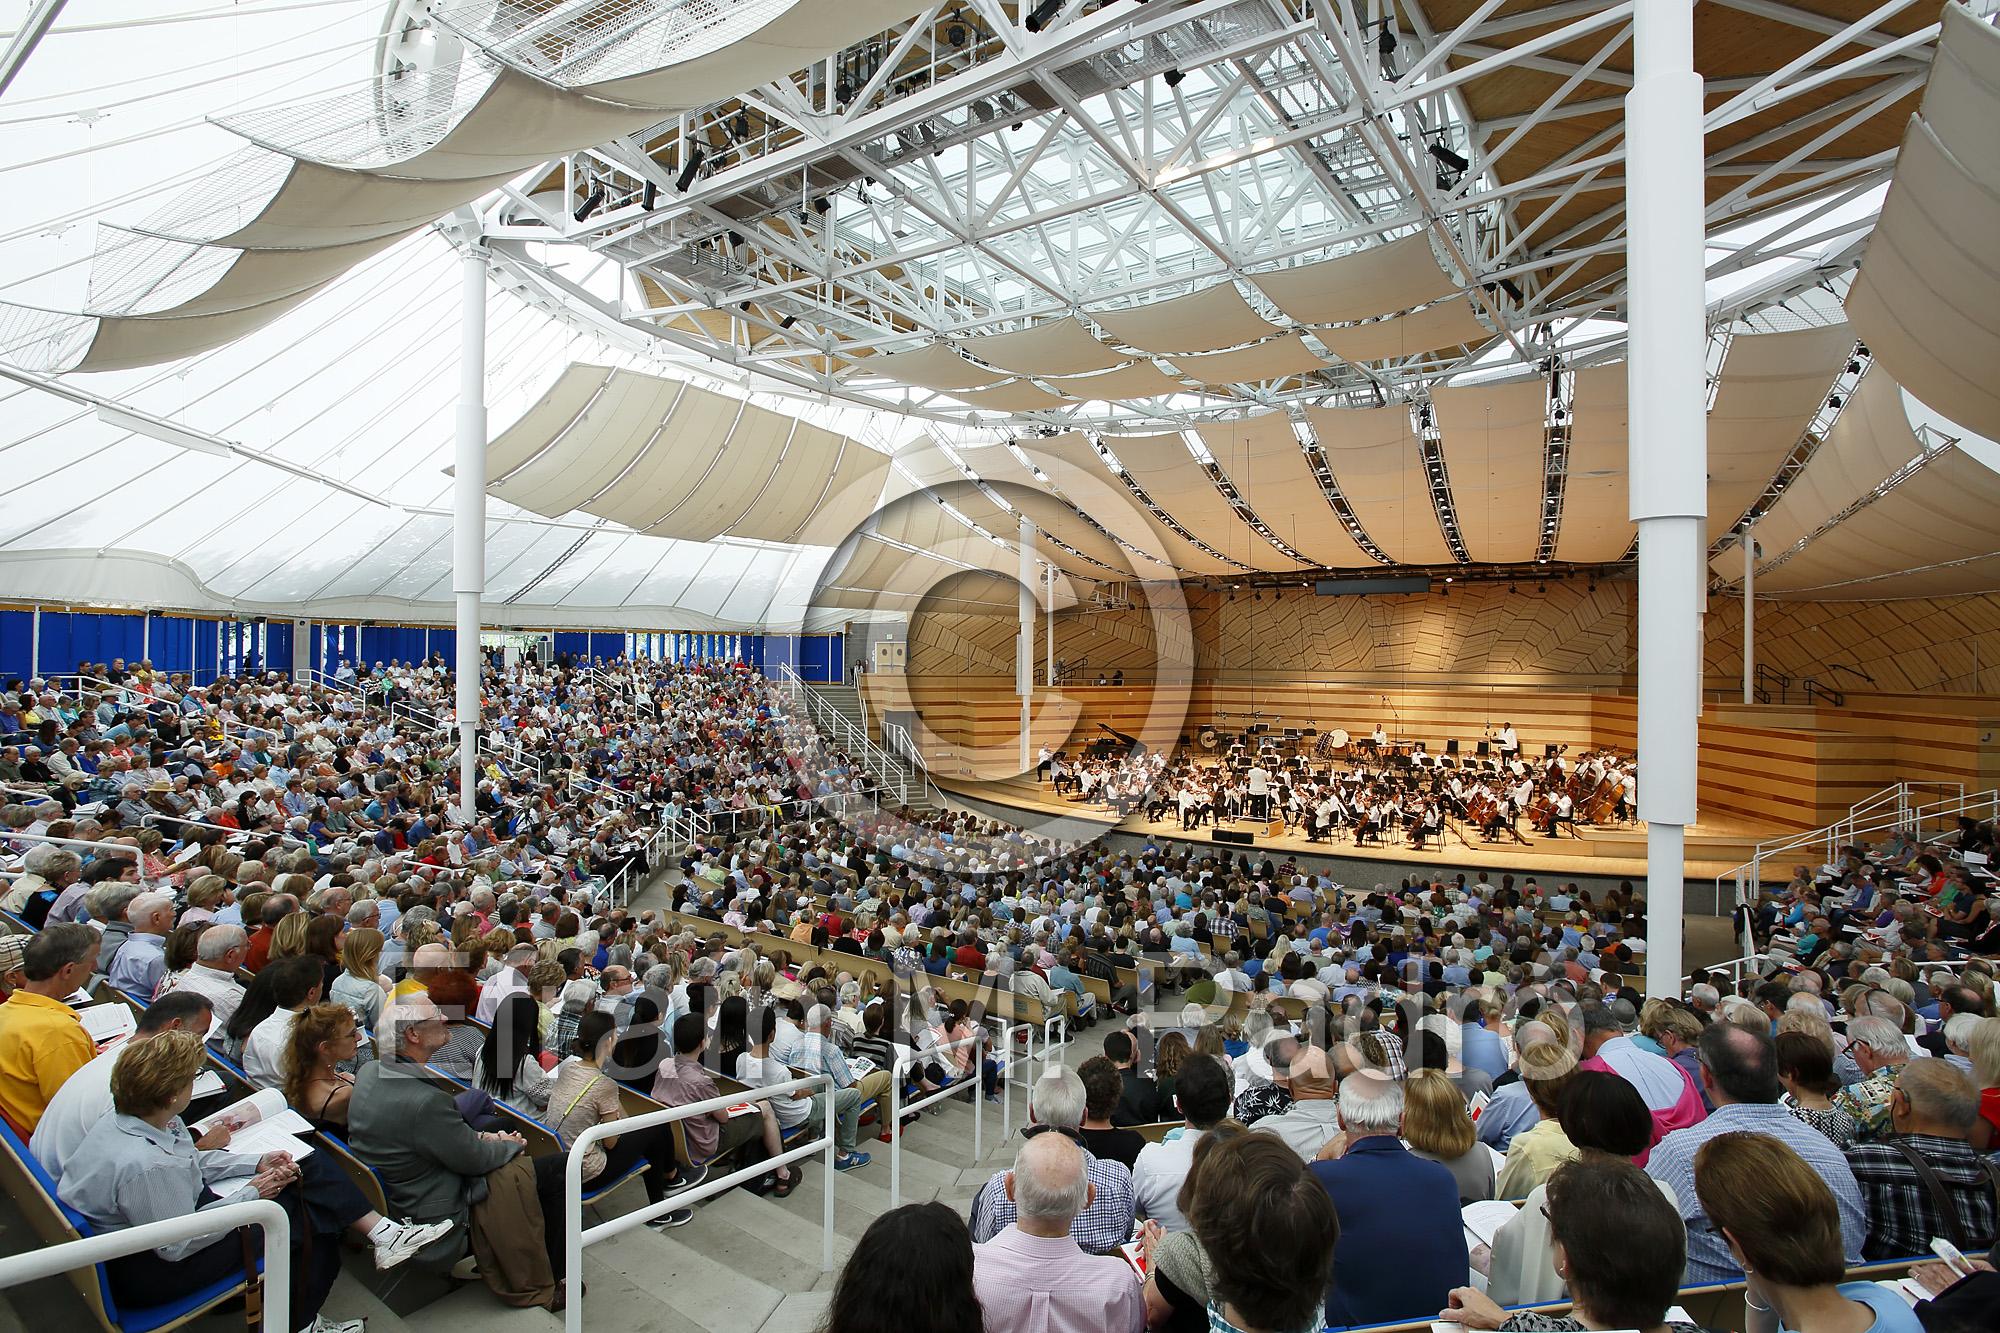 Aspen Festival Orchestra and crowd, Benedict Tent, Aspen Music Festival, Aspen, Colorado